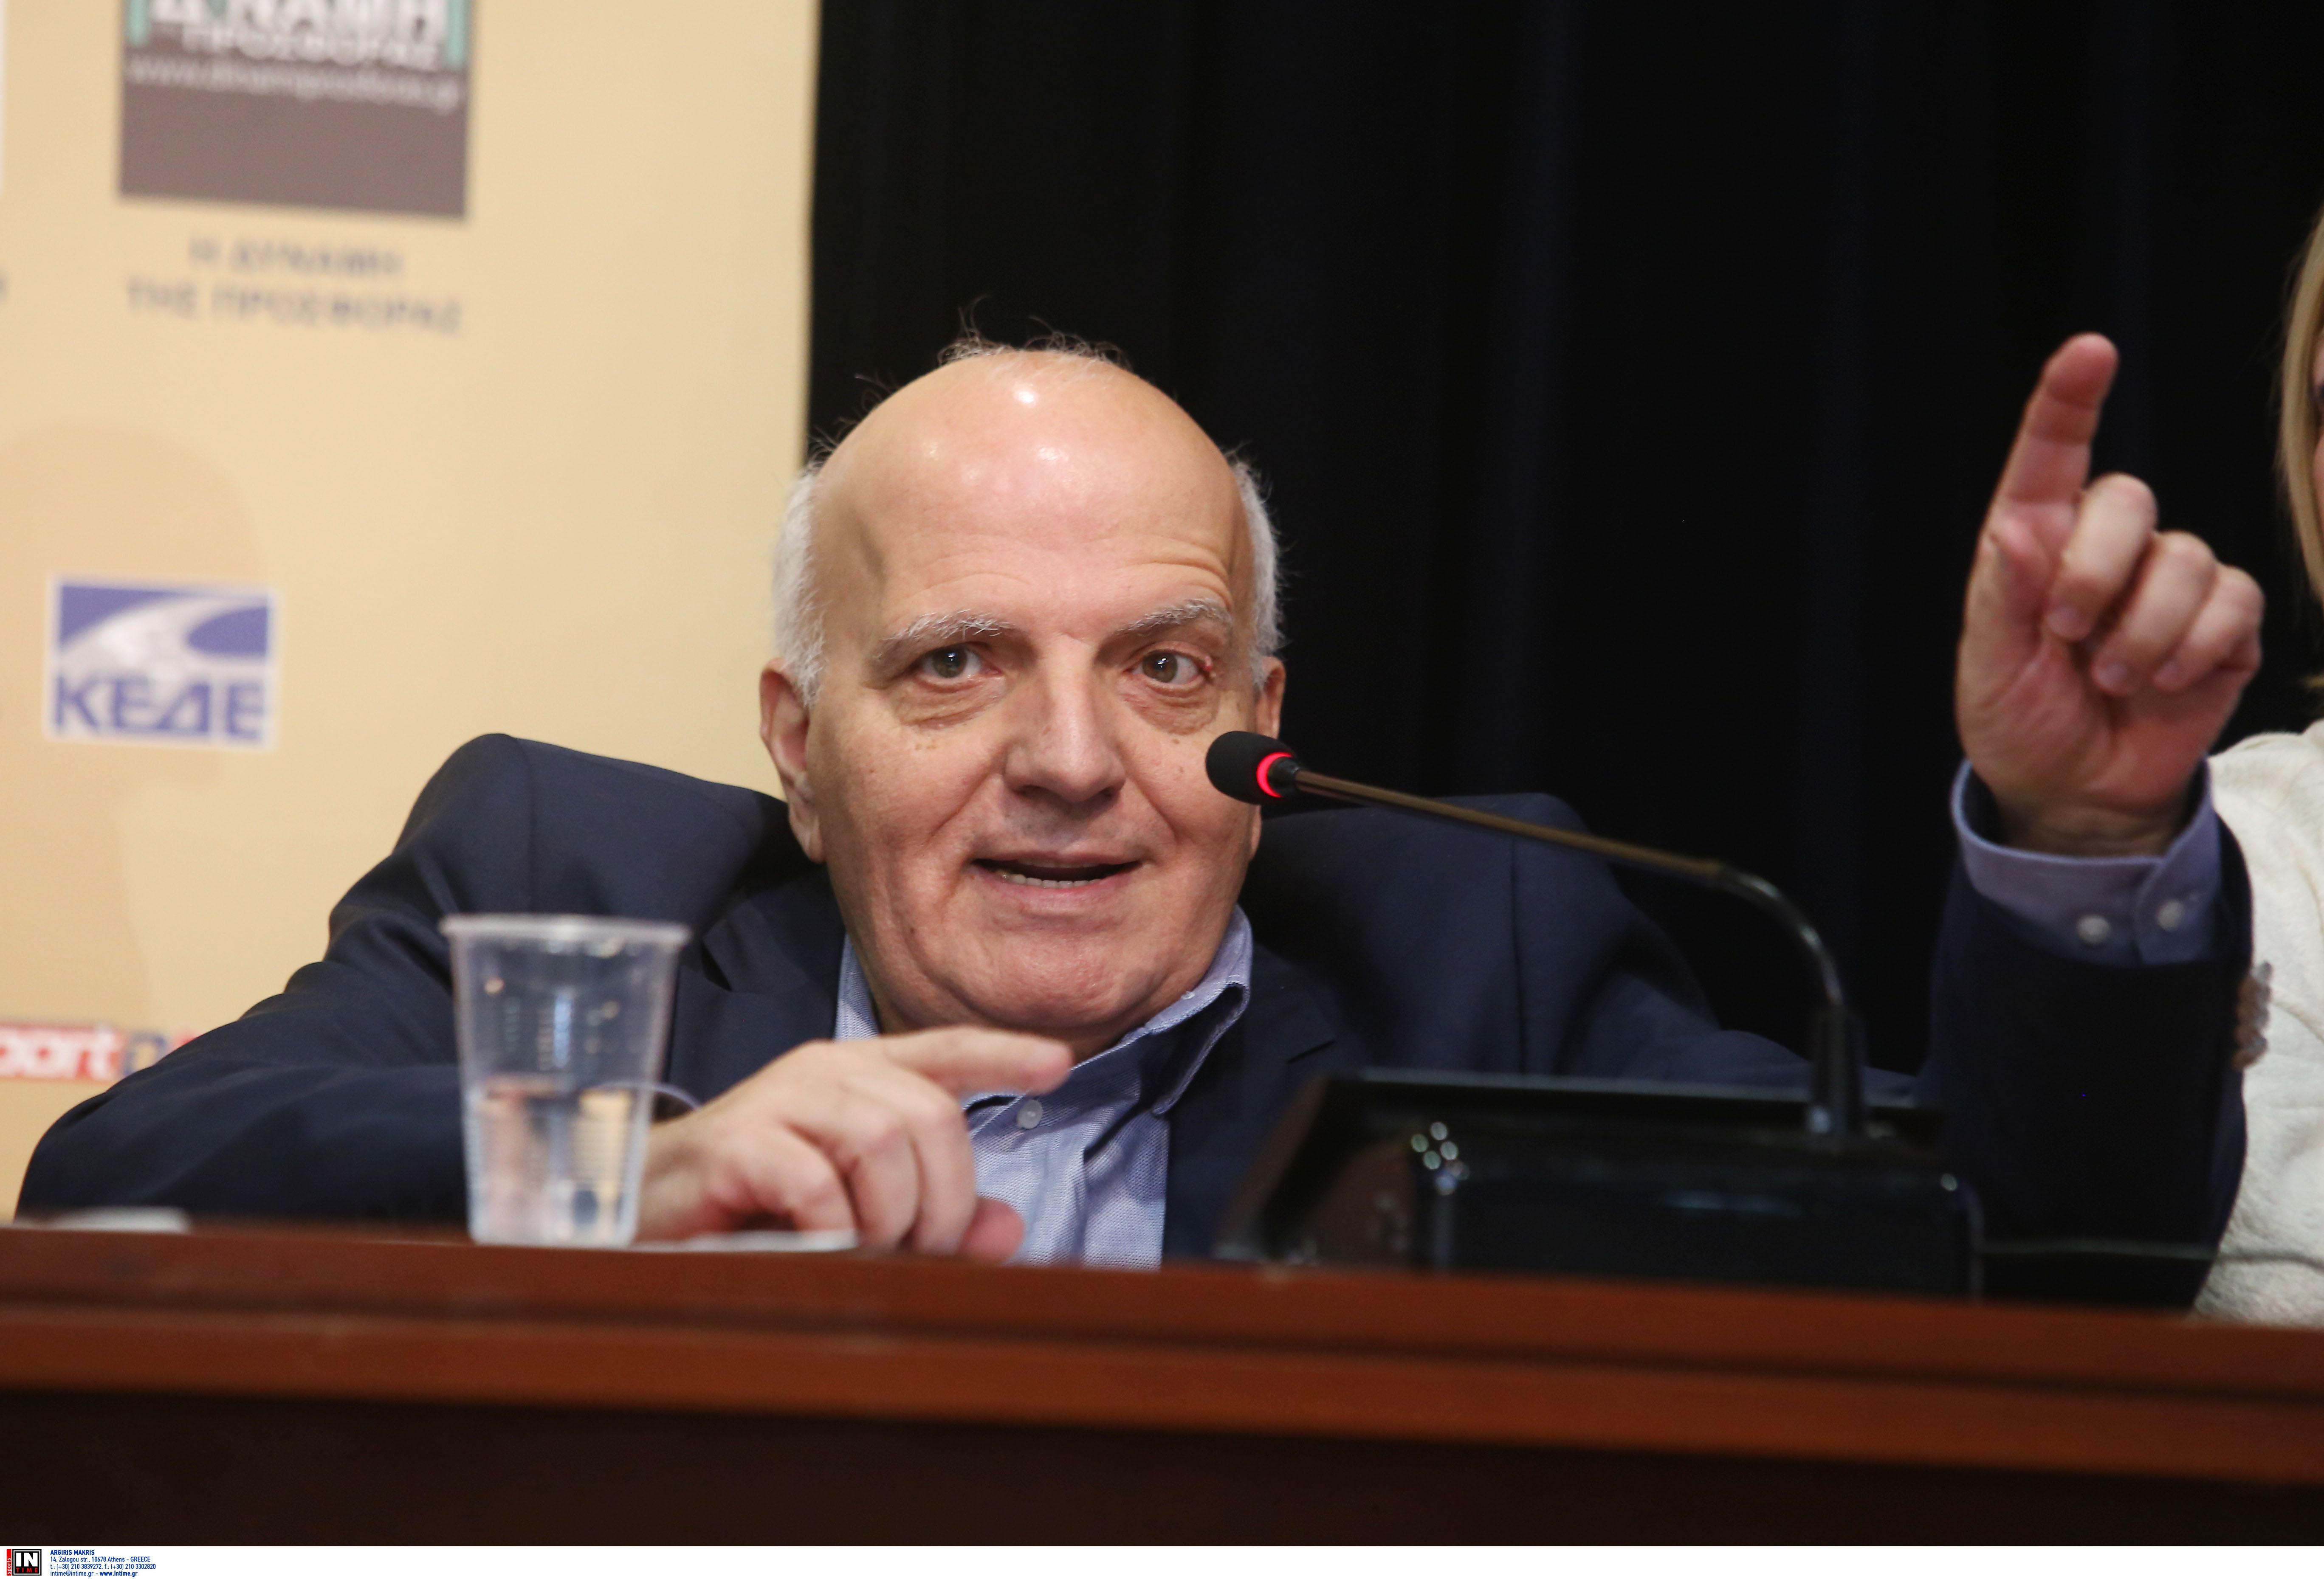 Την παρέμβαση Μητσοτάκη ζητά ο πρόεδρος της Ελληνικής Παραολυμπιακής Επιτροπής!